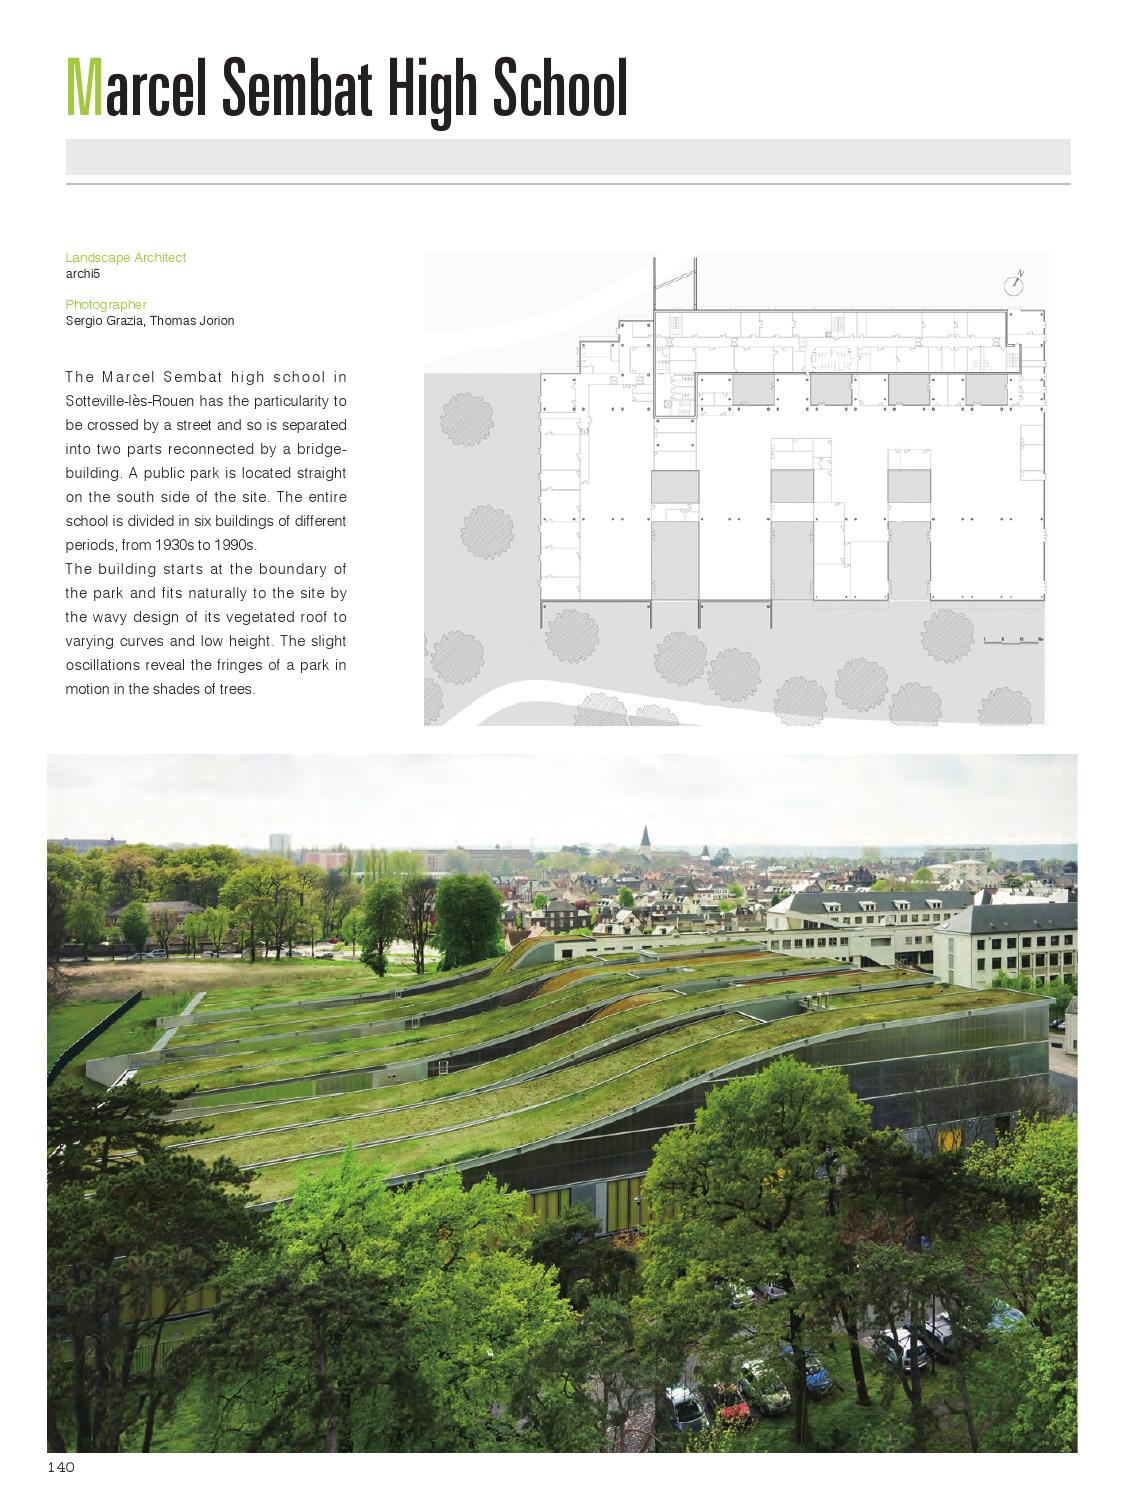 Roof Garden Landscape - World Landscape Case Studies By HI-DESIGN INTERNATIONAL PUBLISHING (HK) CO., LTD. - Issuu